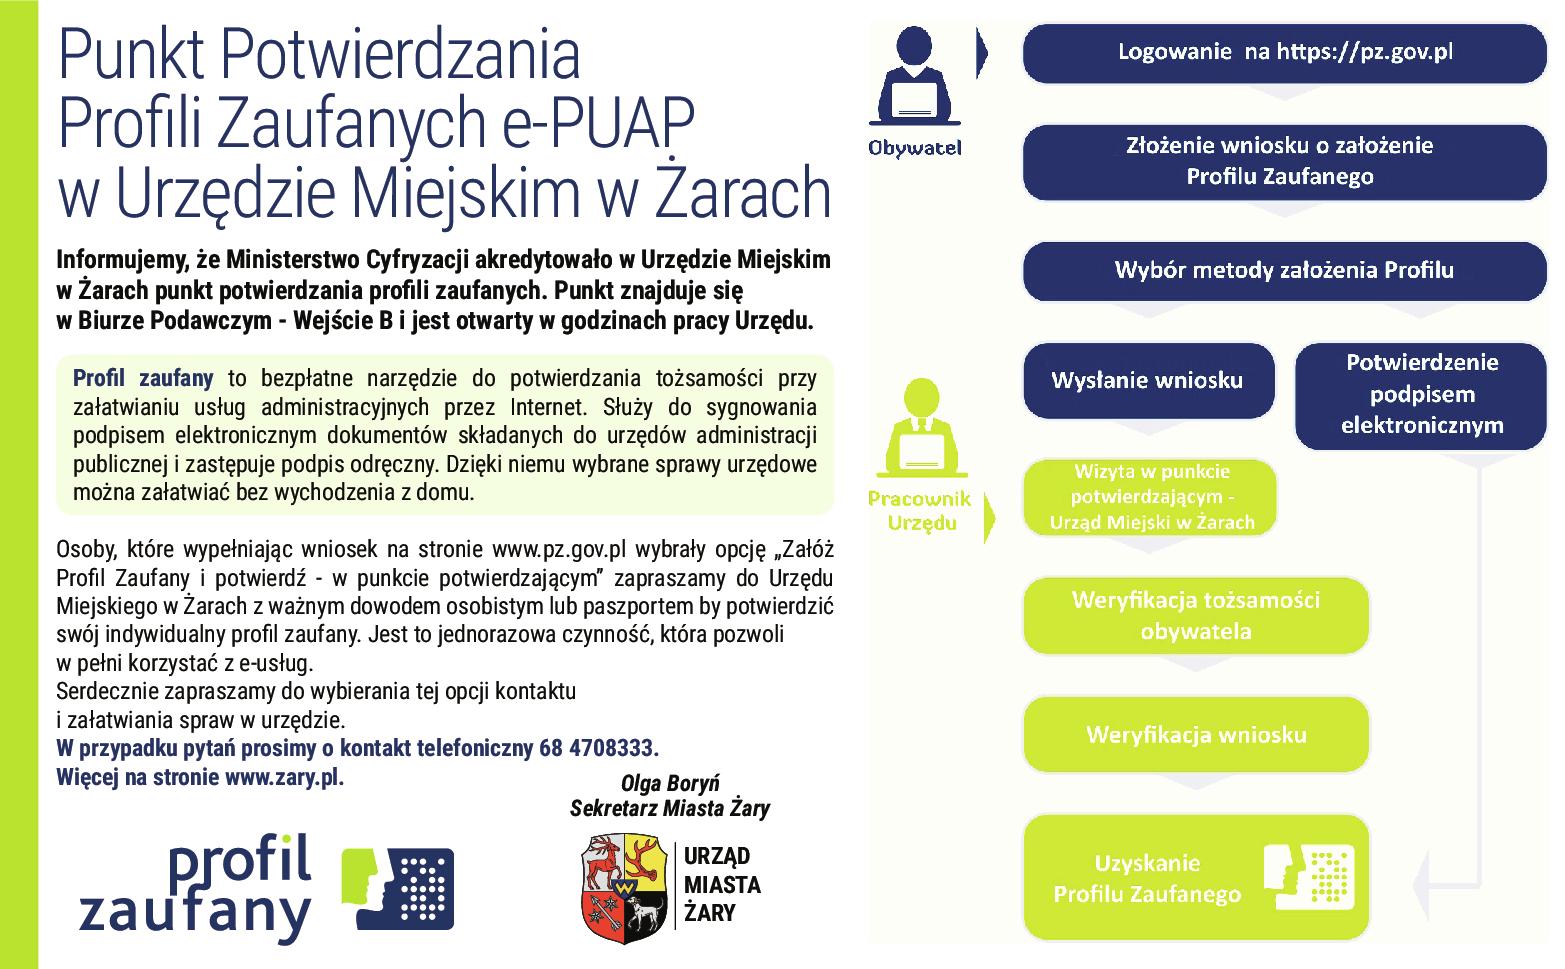 Ilustracja do informacji: Punkt Potwierdzania Profilu Zaufanego e-PUAP